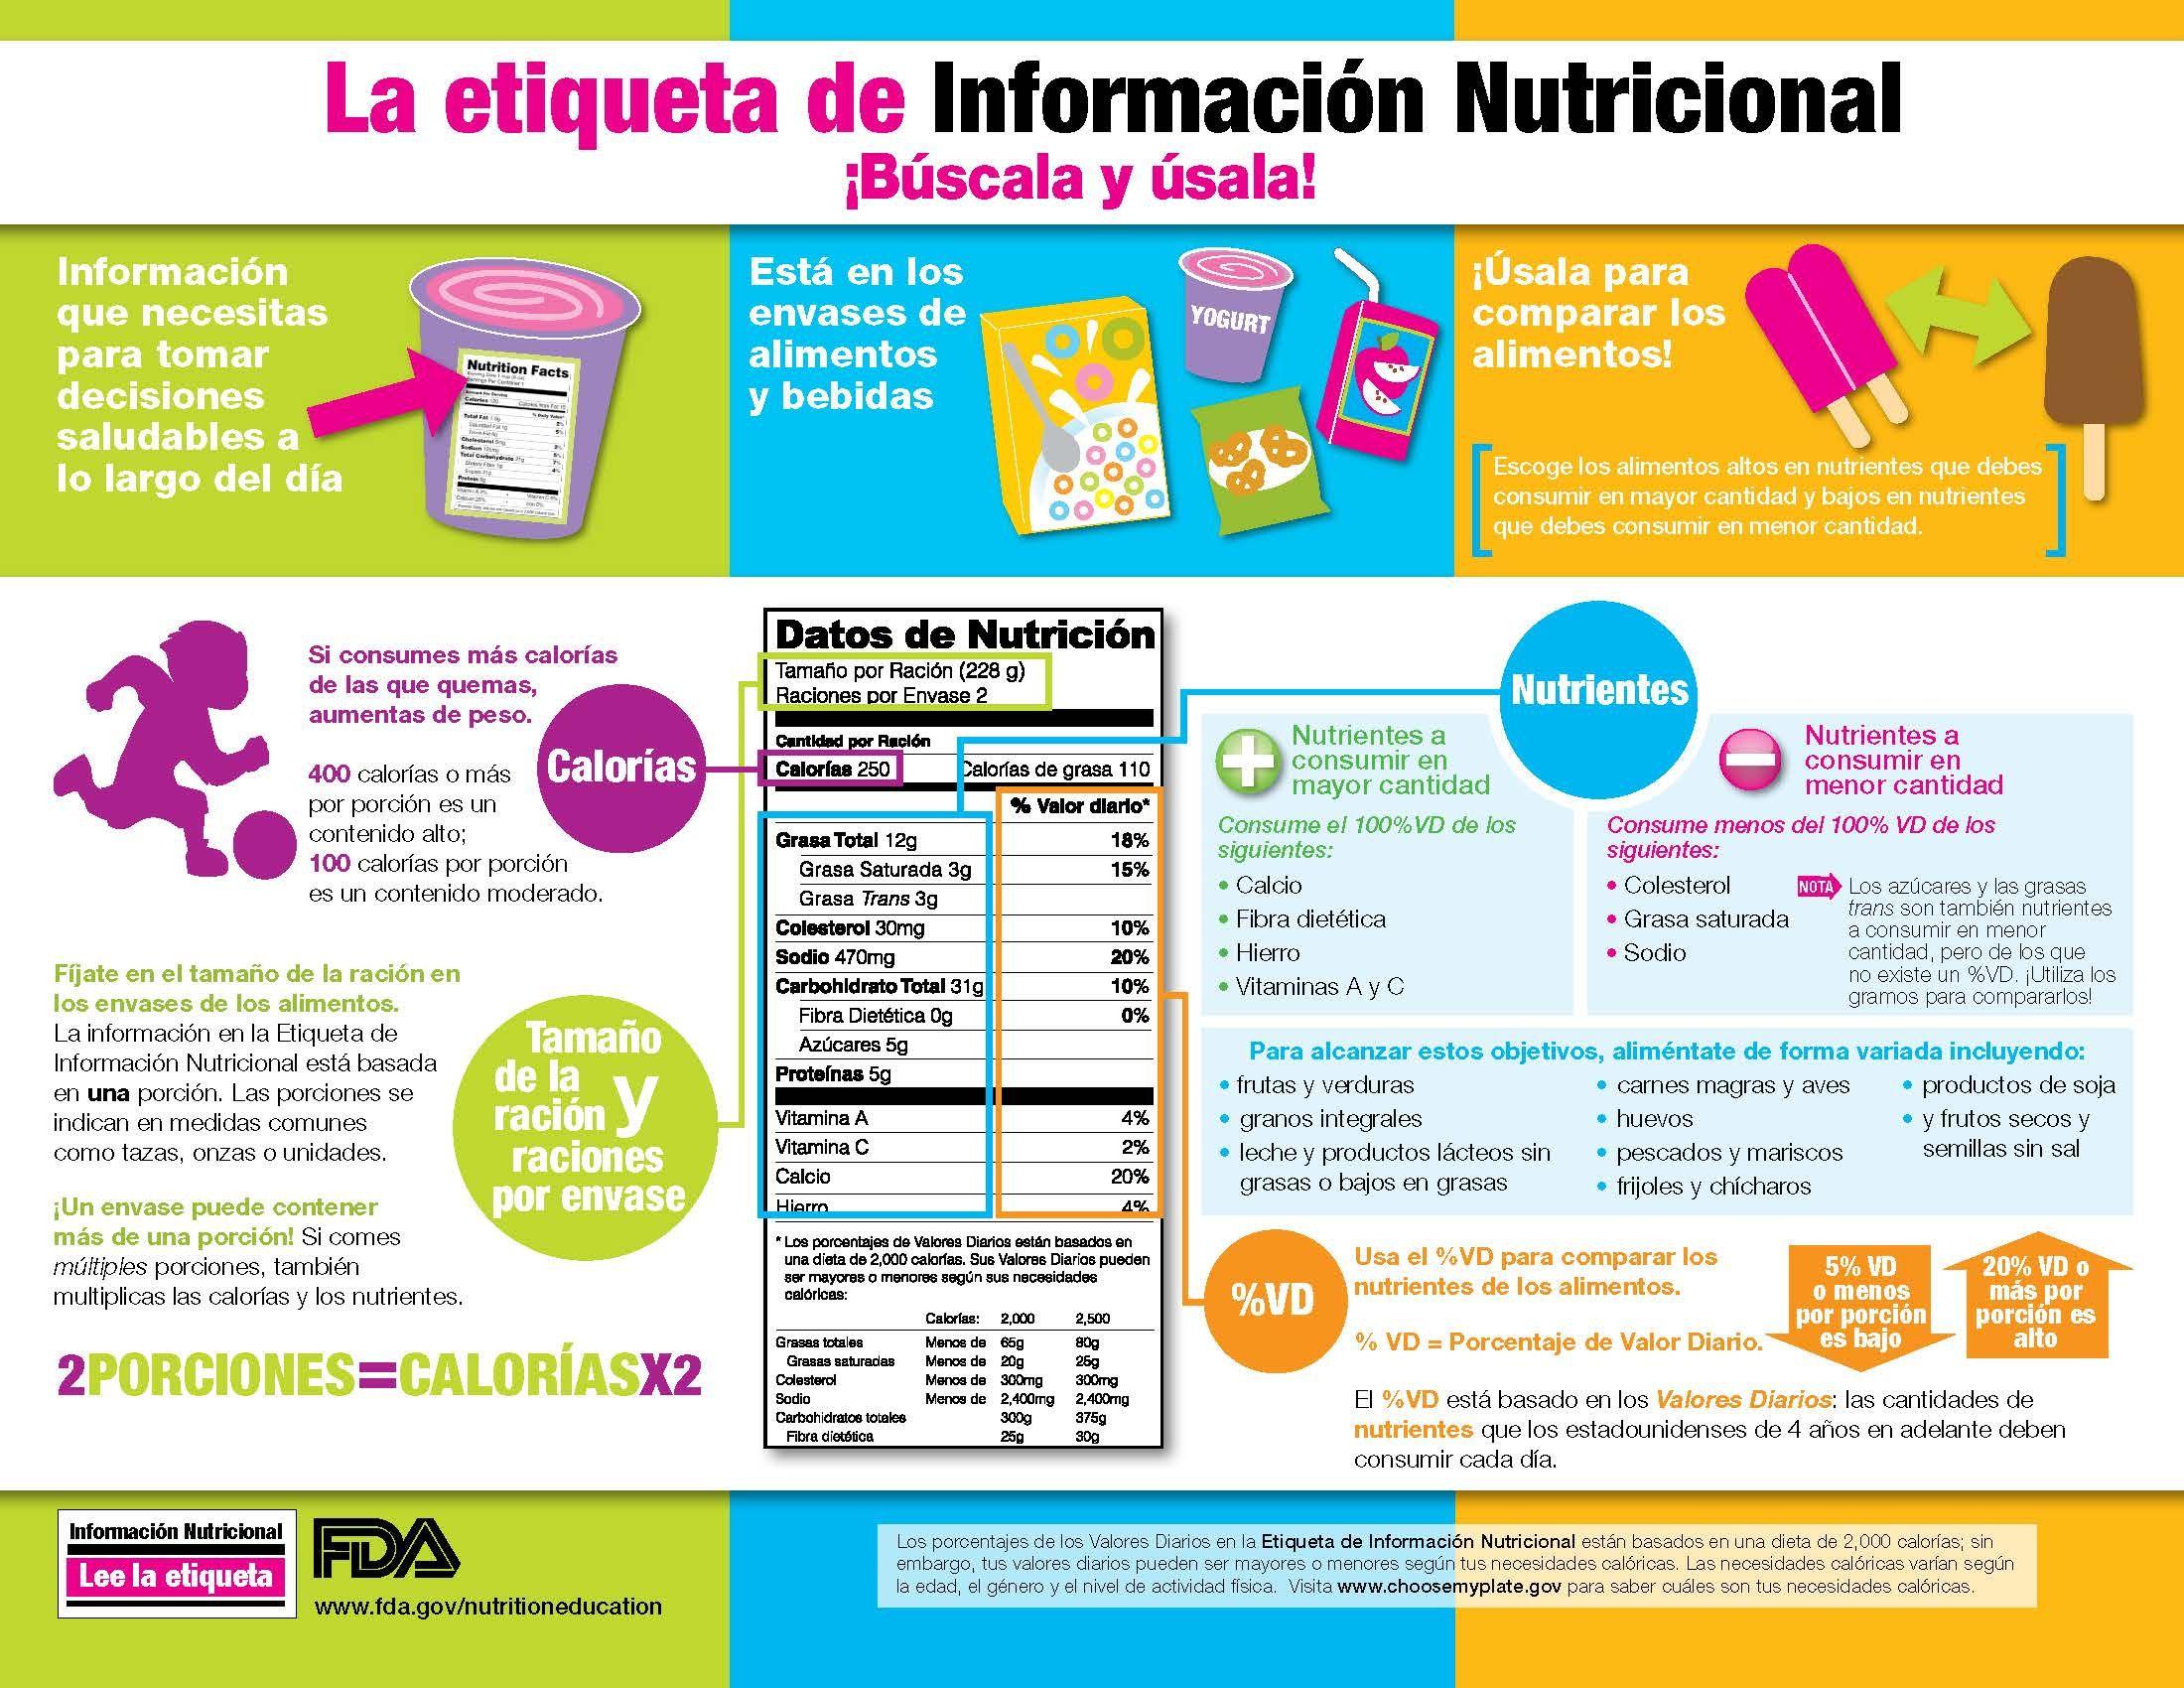 Busque la etiqueta de información nutricional en los #alimentos ...